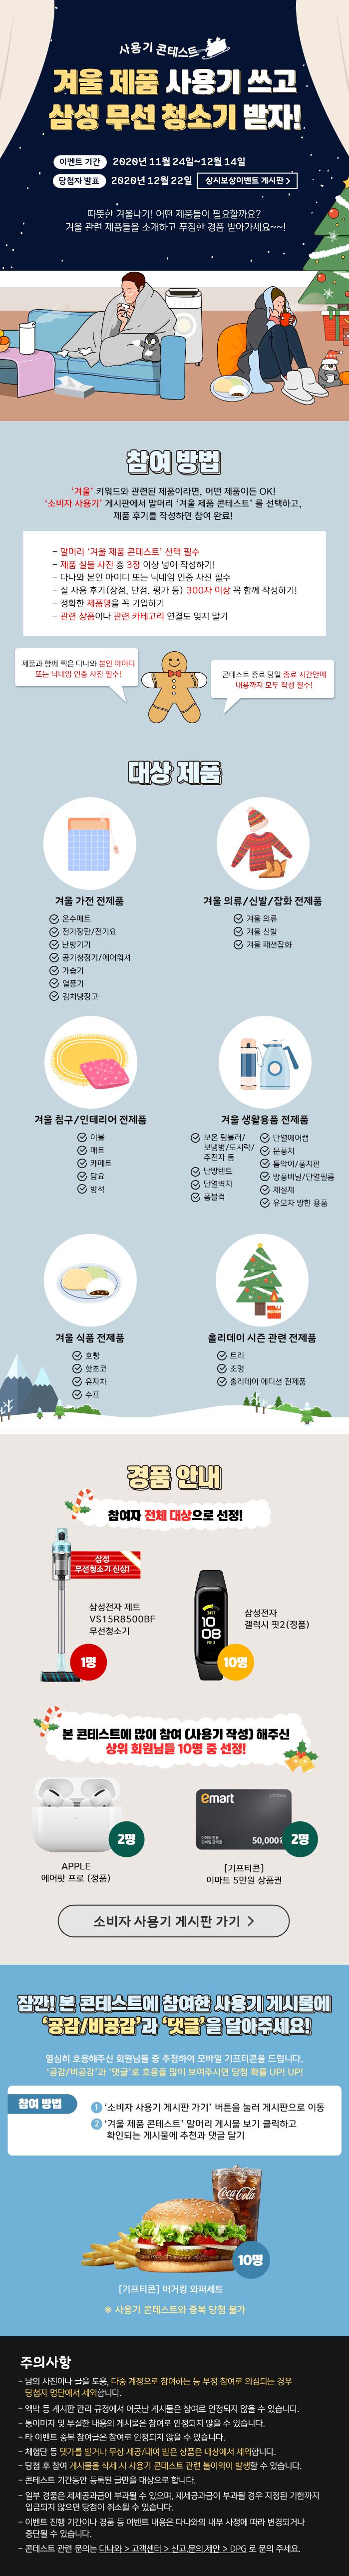 따뜻한 겨울나기! 어떤 제품들이 필요할까요? 겨울 관련 제품들을 소개하고 푸짐한 경품 받아가세요~~!